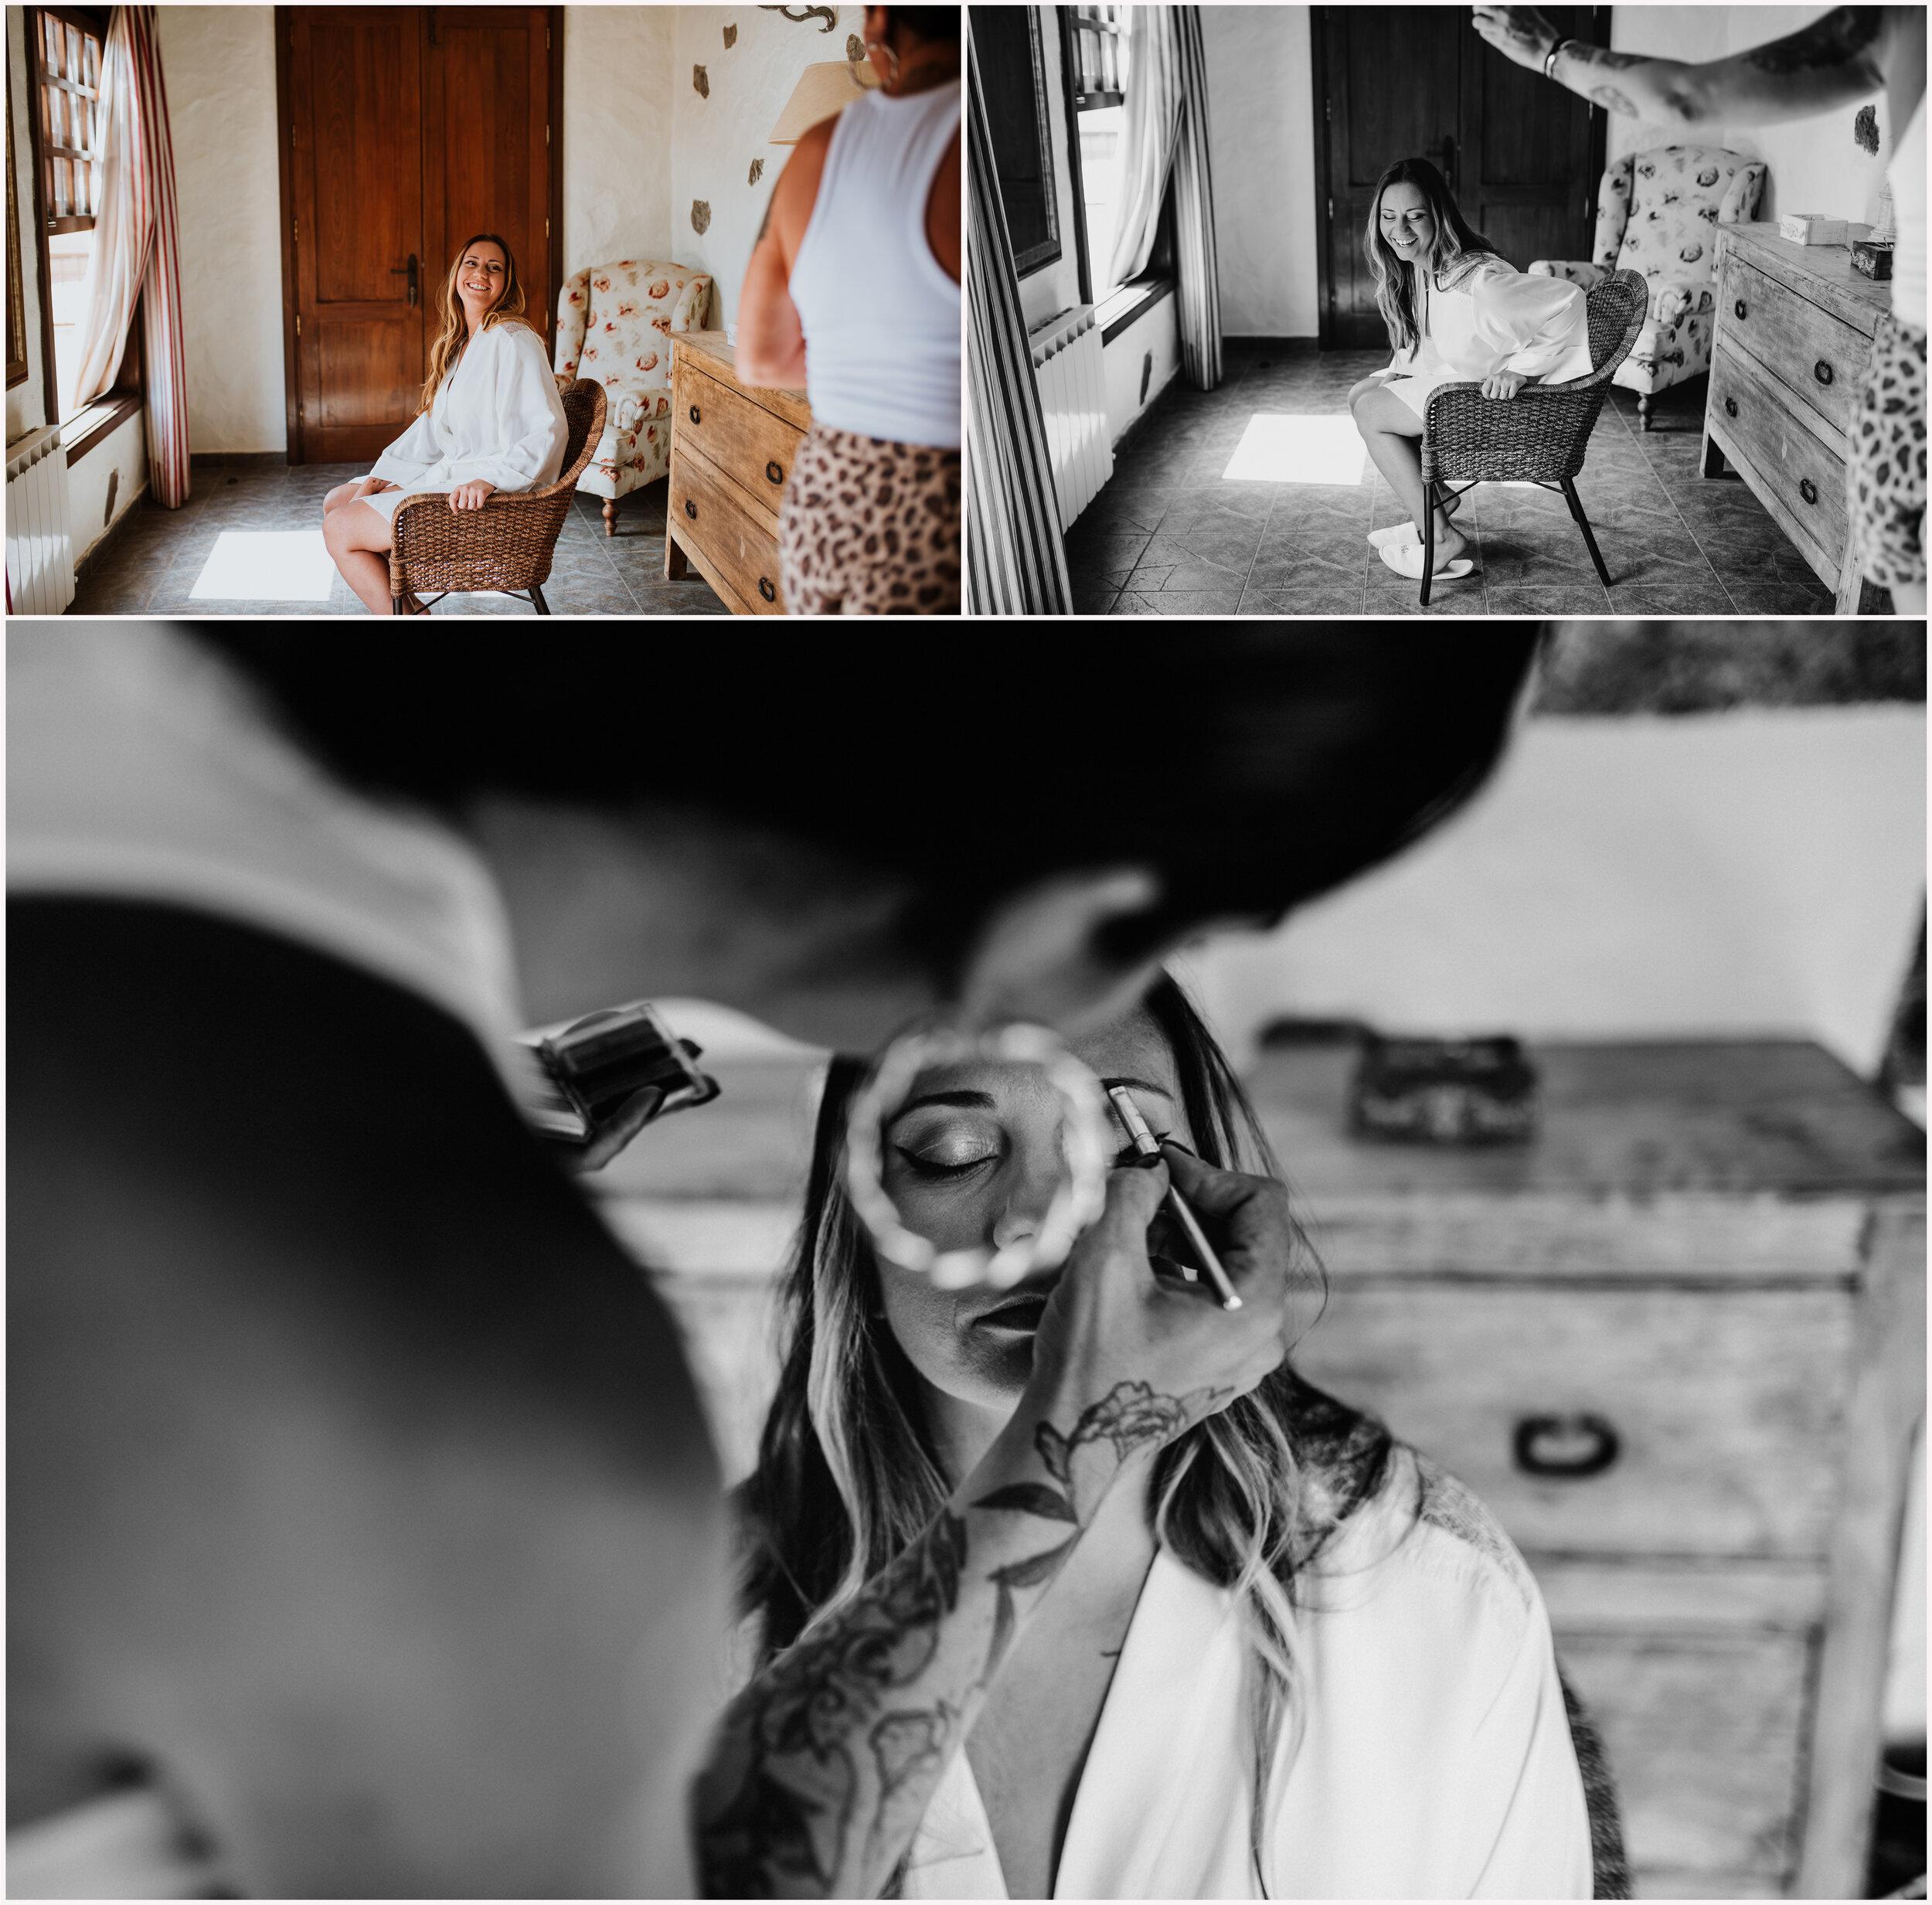 fotografo de bodas las palmas_-19.jpg